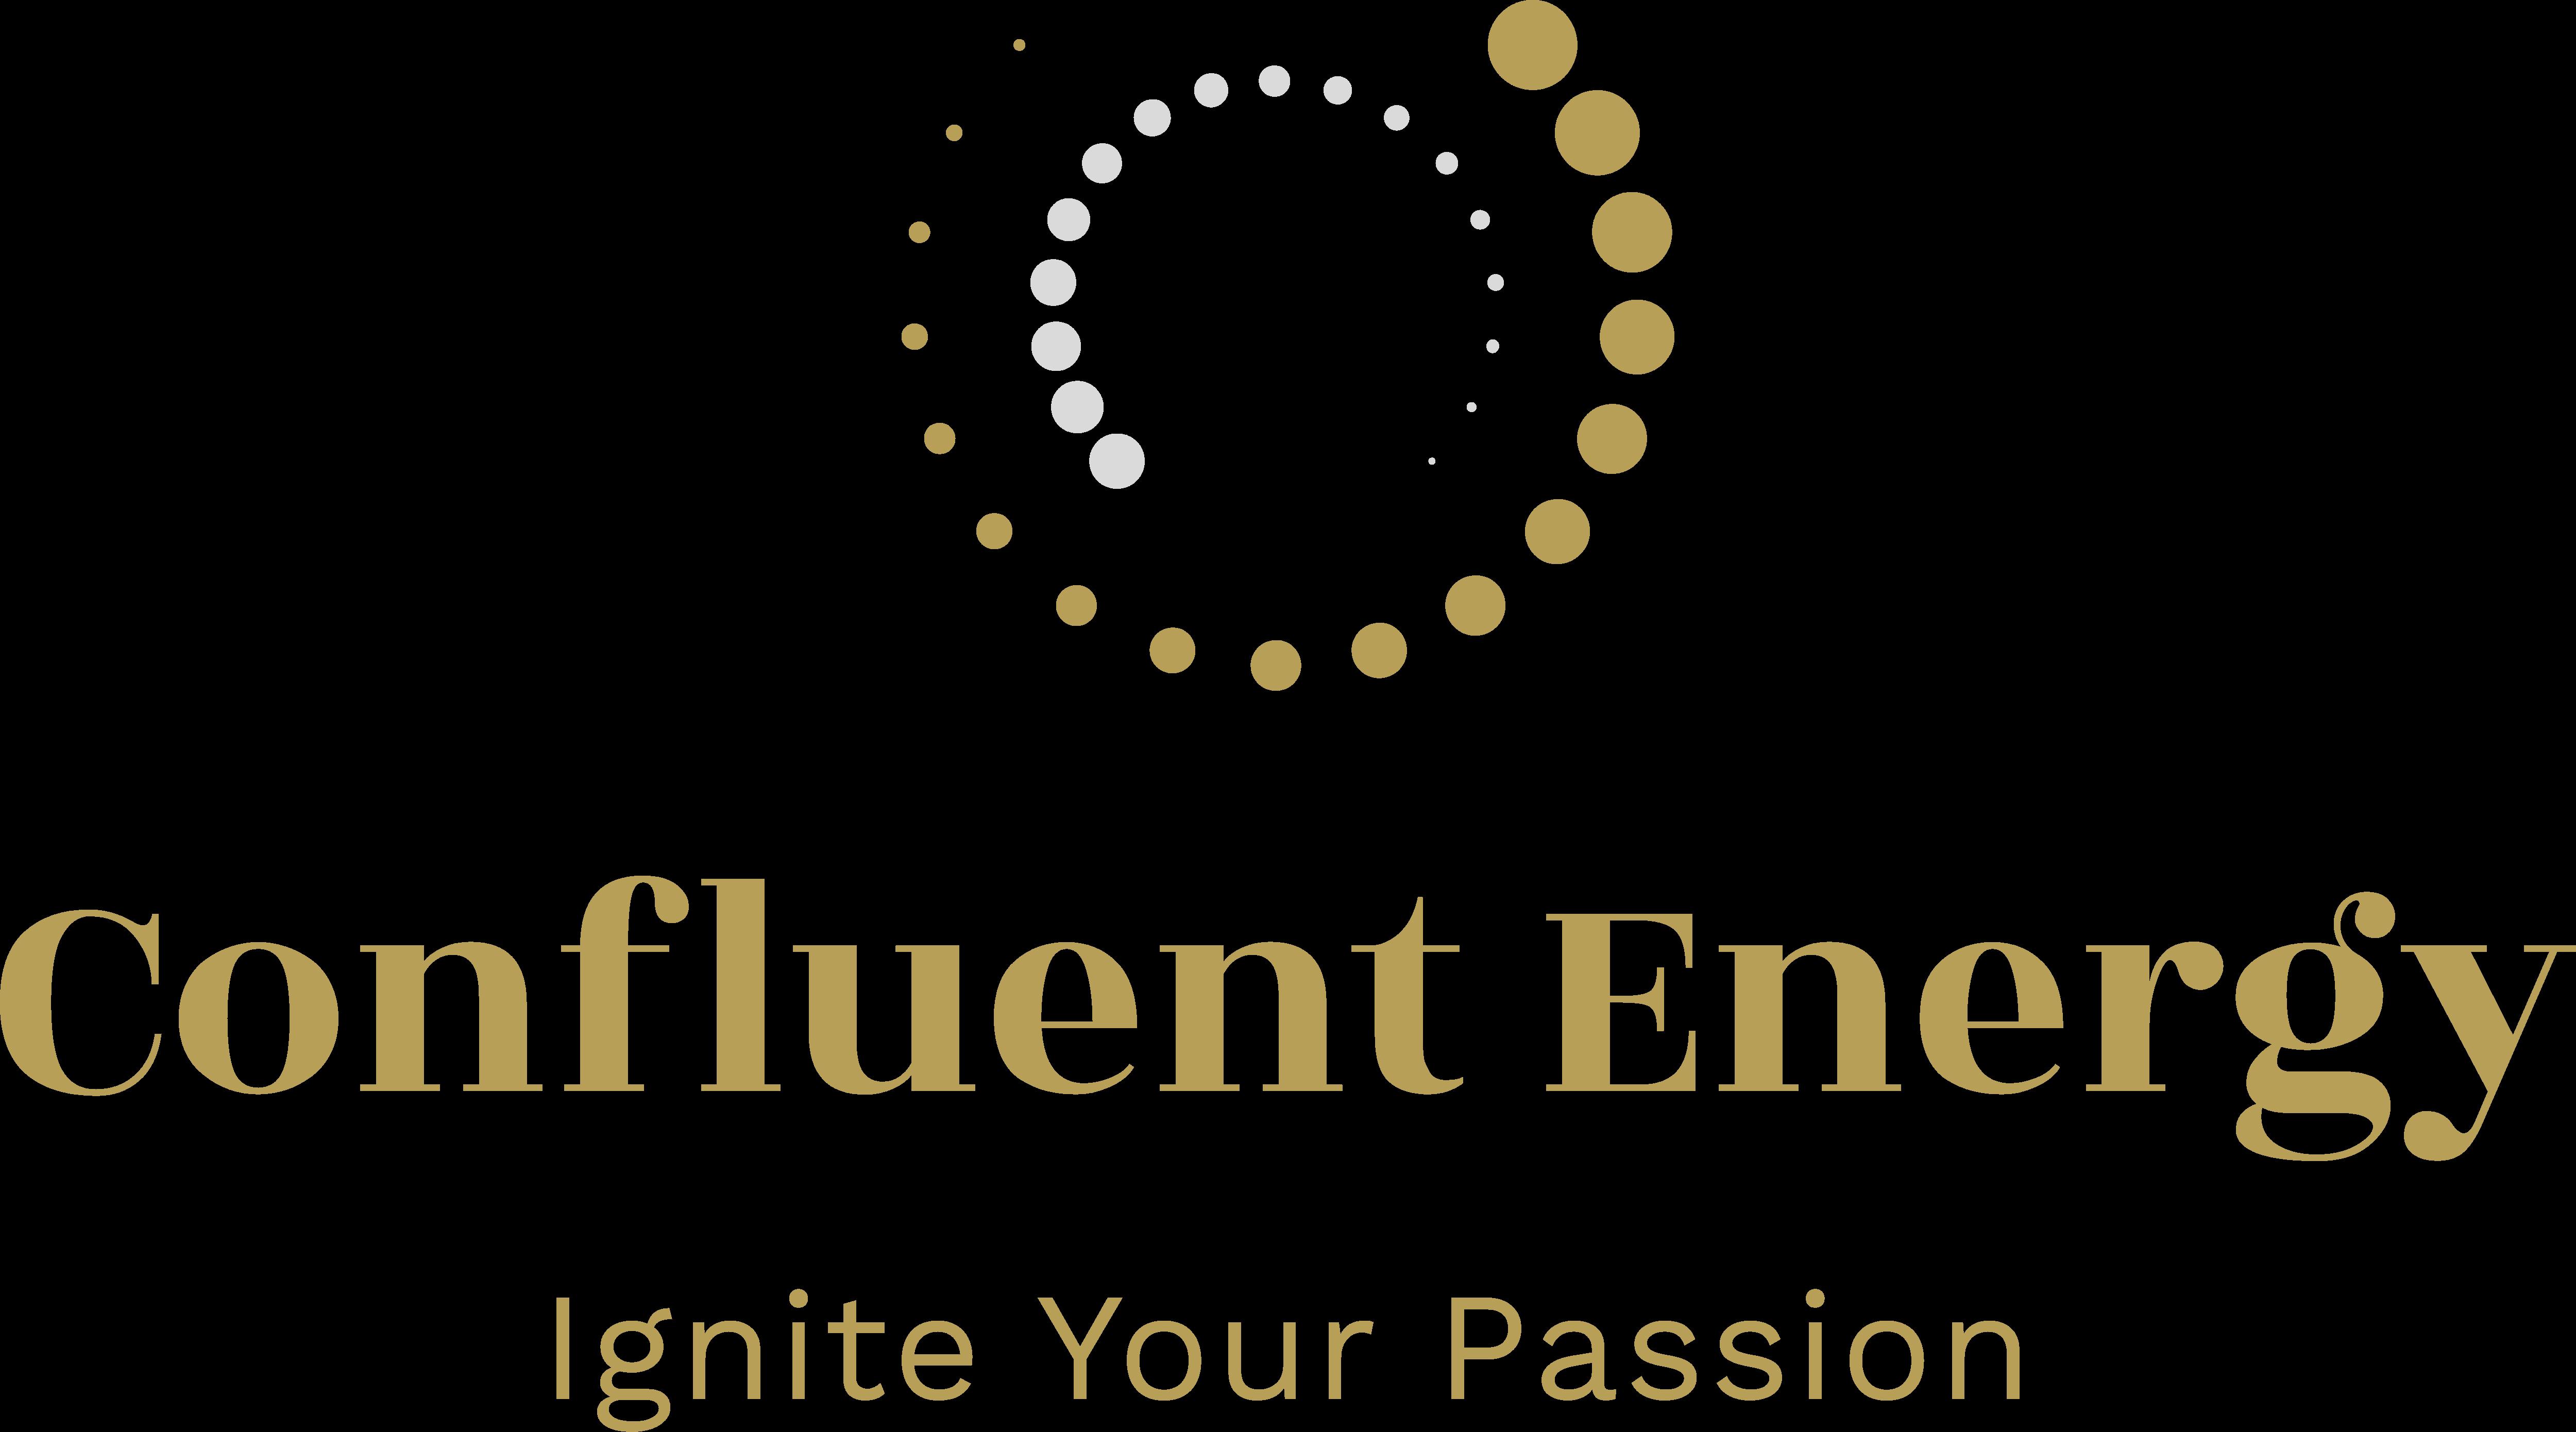 Confluent Energy